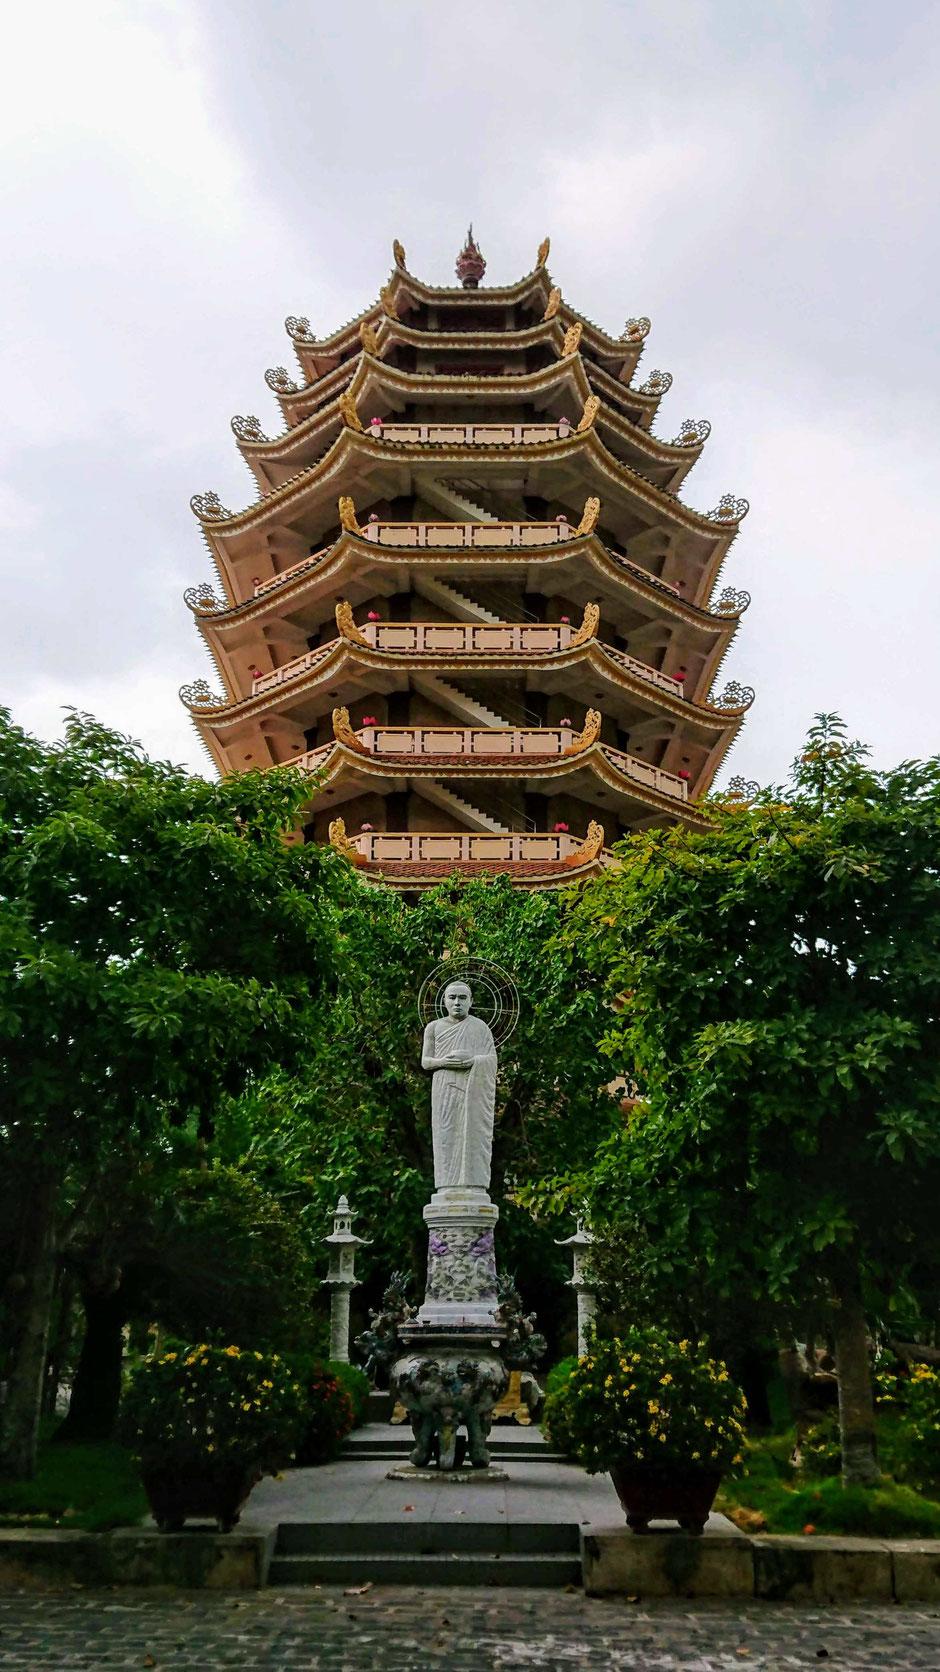 ausflugstipp_ Ho Chi Minh Stadt_hcm_saigon_vegetarische restaurant_buddhistischer tempel_ruhepol_toller ausblick_ly_heiko_urlaub_vietnam